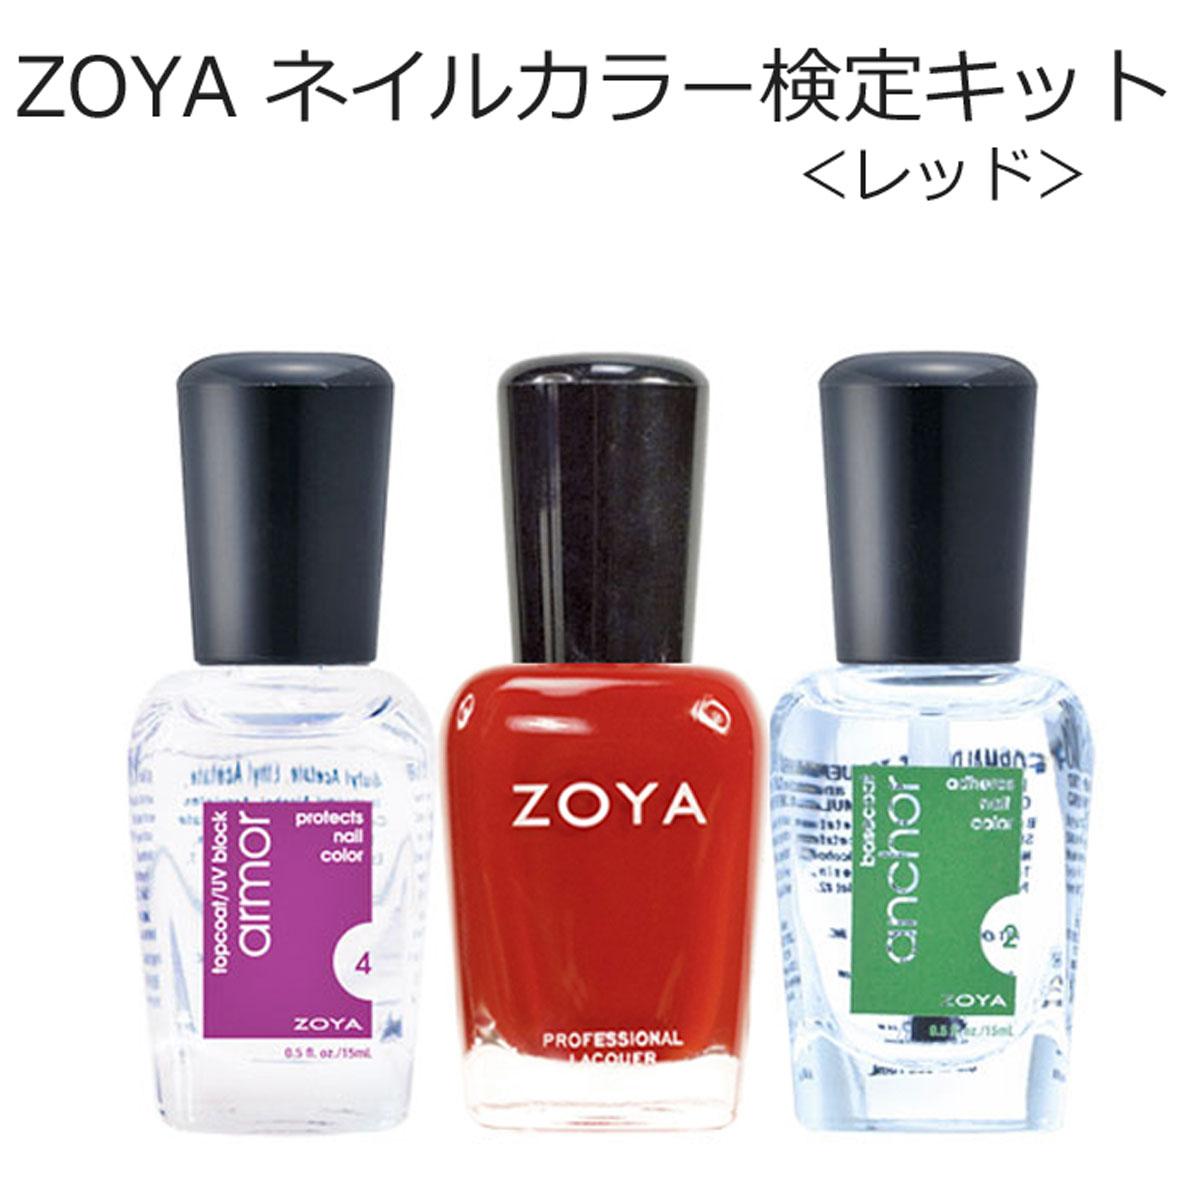 検定キット[レッド] ZOYA ゾーヤ ゾヤ ネイルカラー アーマートップコート & ZP259 & アンカーベースコート 15mL 自爪 の為に作られた ネイル にやさしい 自然派 マニキュア zoya セルフネイル にもおすすめ